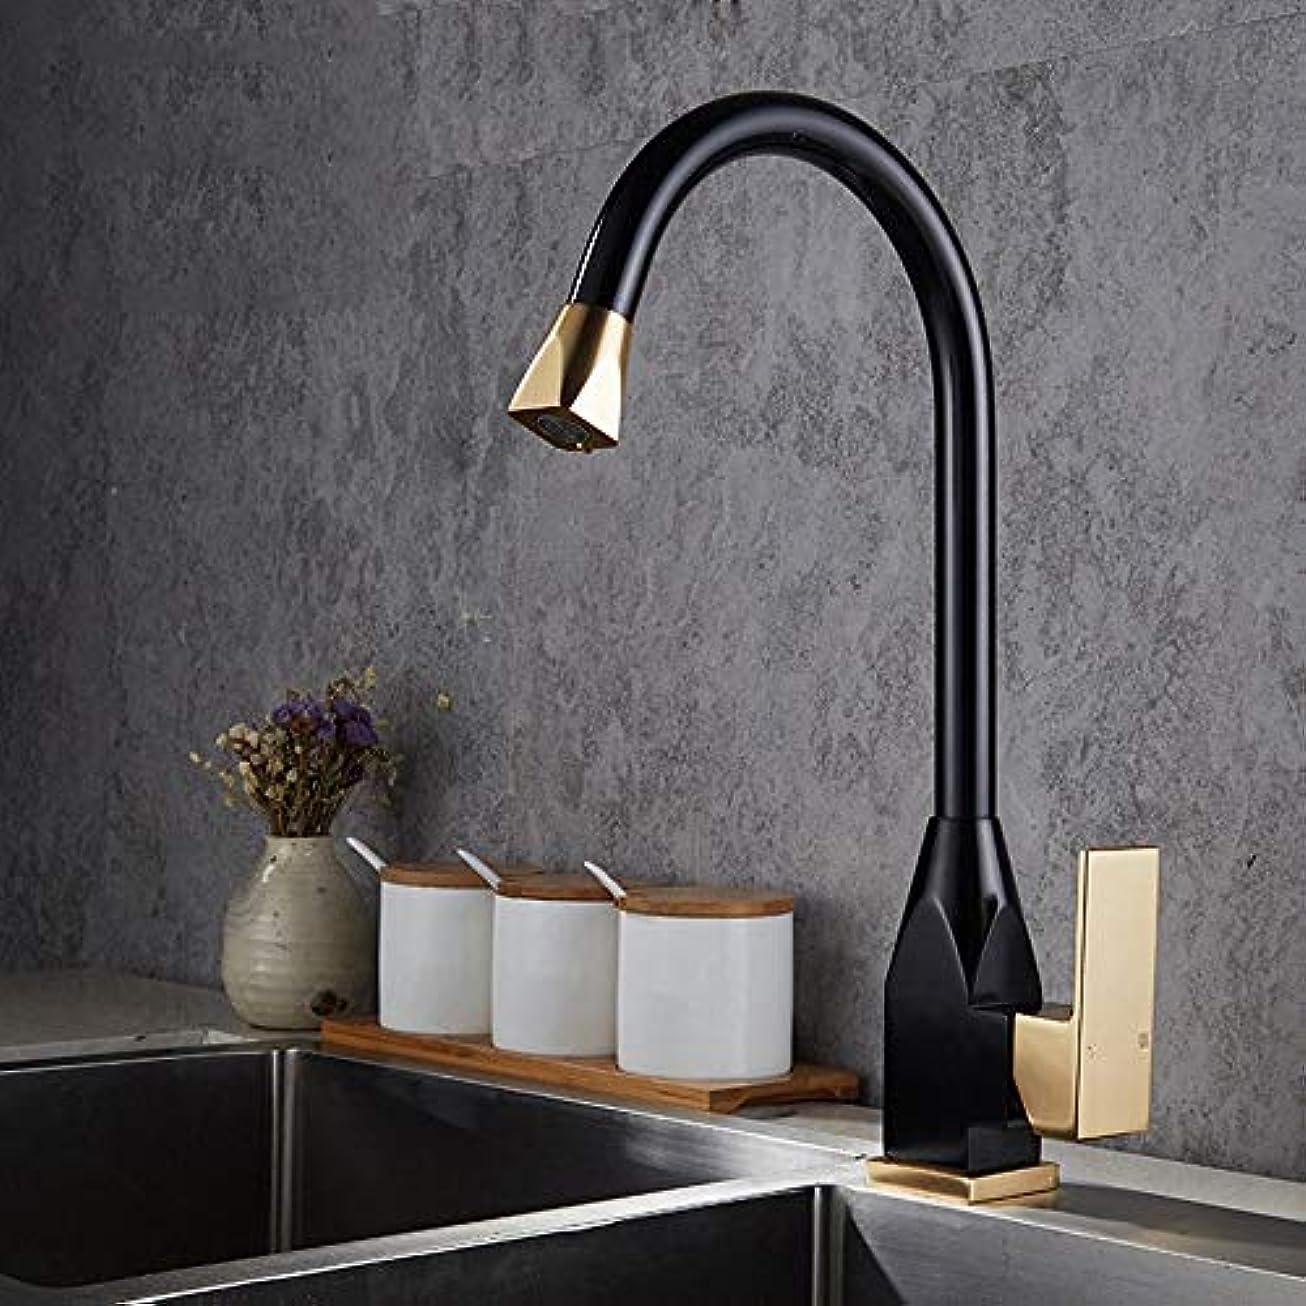 テンションドロー回転させるブラックゴールド家庭用ホット&コールドウォッシュ洗面台蛇口、バスルームキッチン洗面台スペースアルミ食器洗い蛇口、セラミックバルブコア360°回転、簡単にインストール 作りがいい (色 : Black)